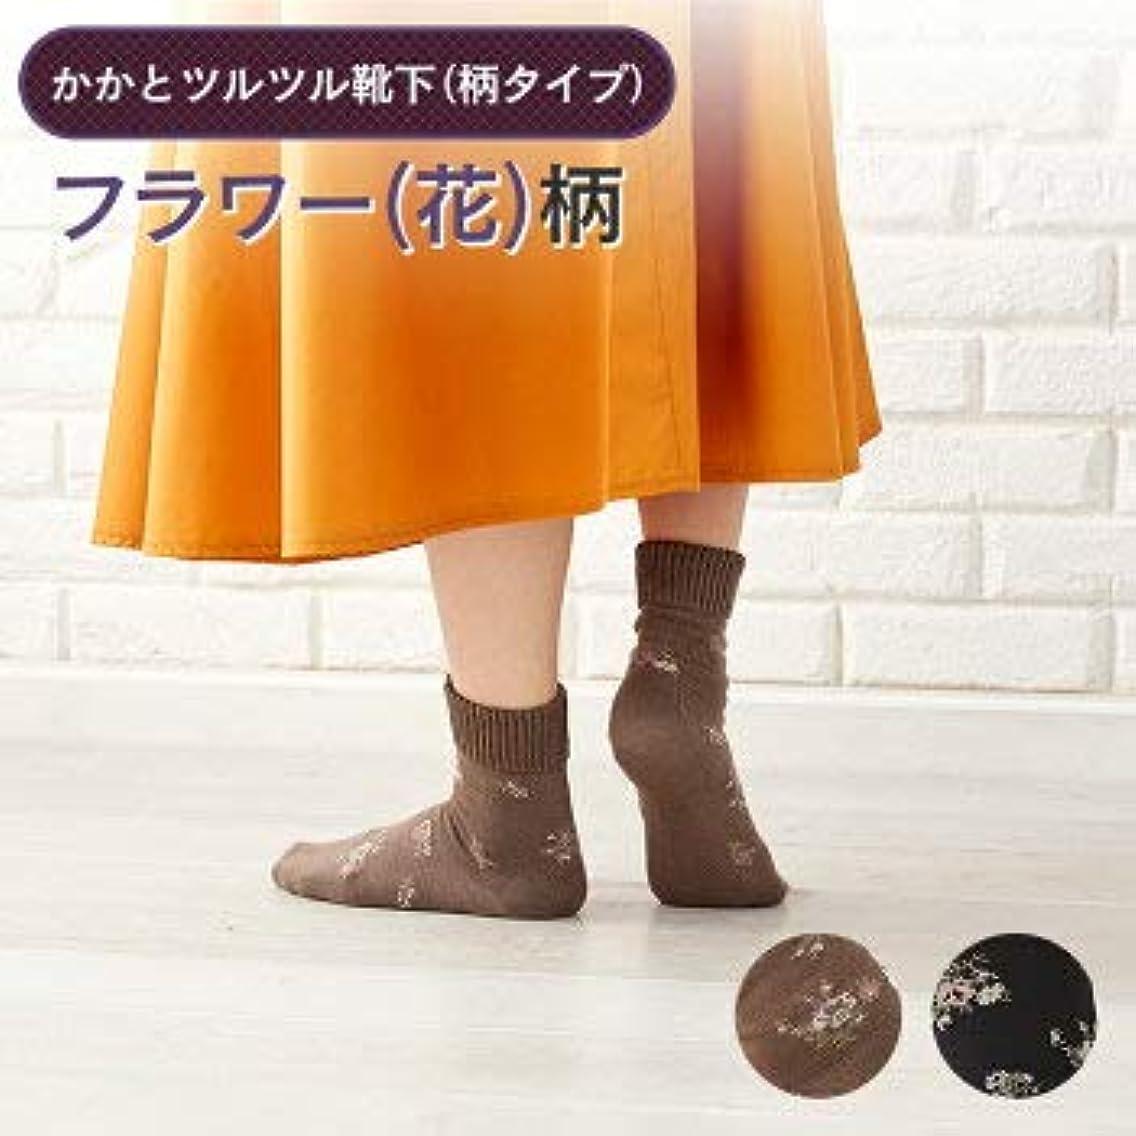 技術者ヘロインタックかかと 角質ケア ひび割れ対策 かかとツルツル靴下 花柄 ブラウン 23-25cm 太陽ニット 744